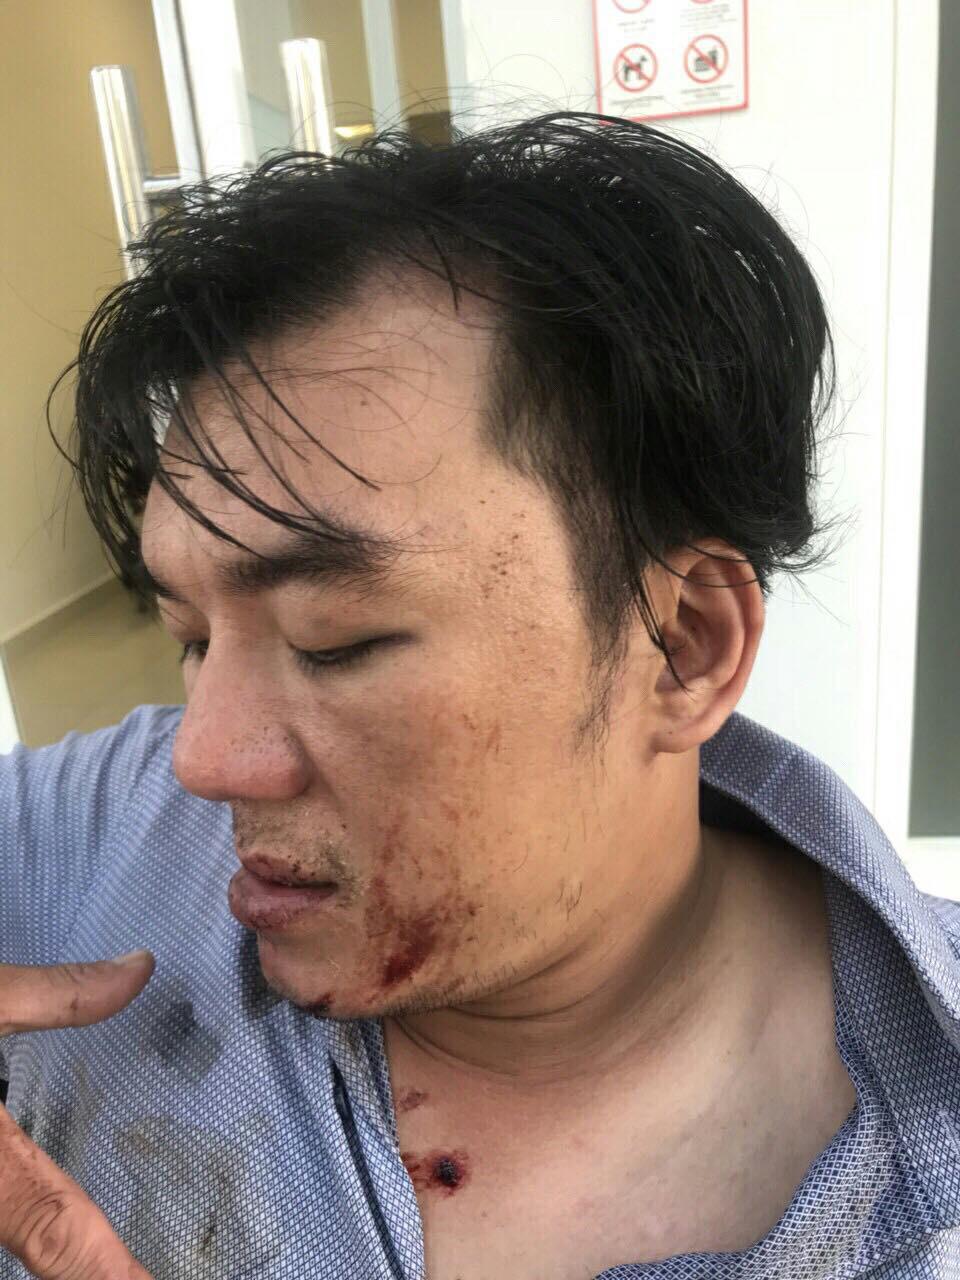 Khách tố bị nhân viên đuổi đánh dã man sau bữa ăn ở Đà Nẵng, quản lý nhà hàng nói gì? - Ảnh 1.